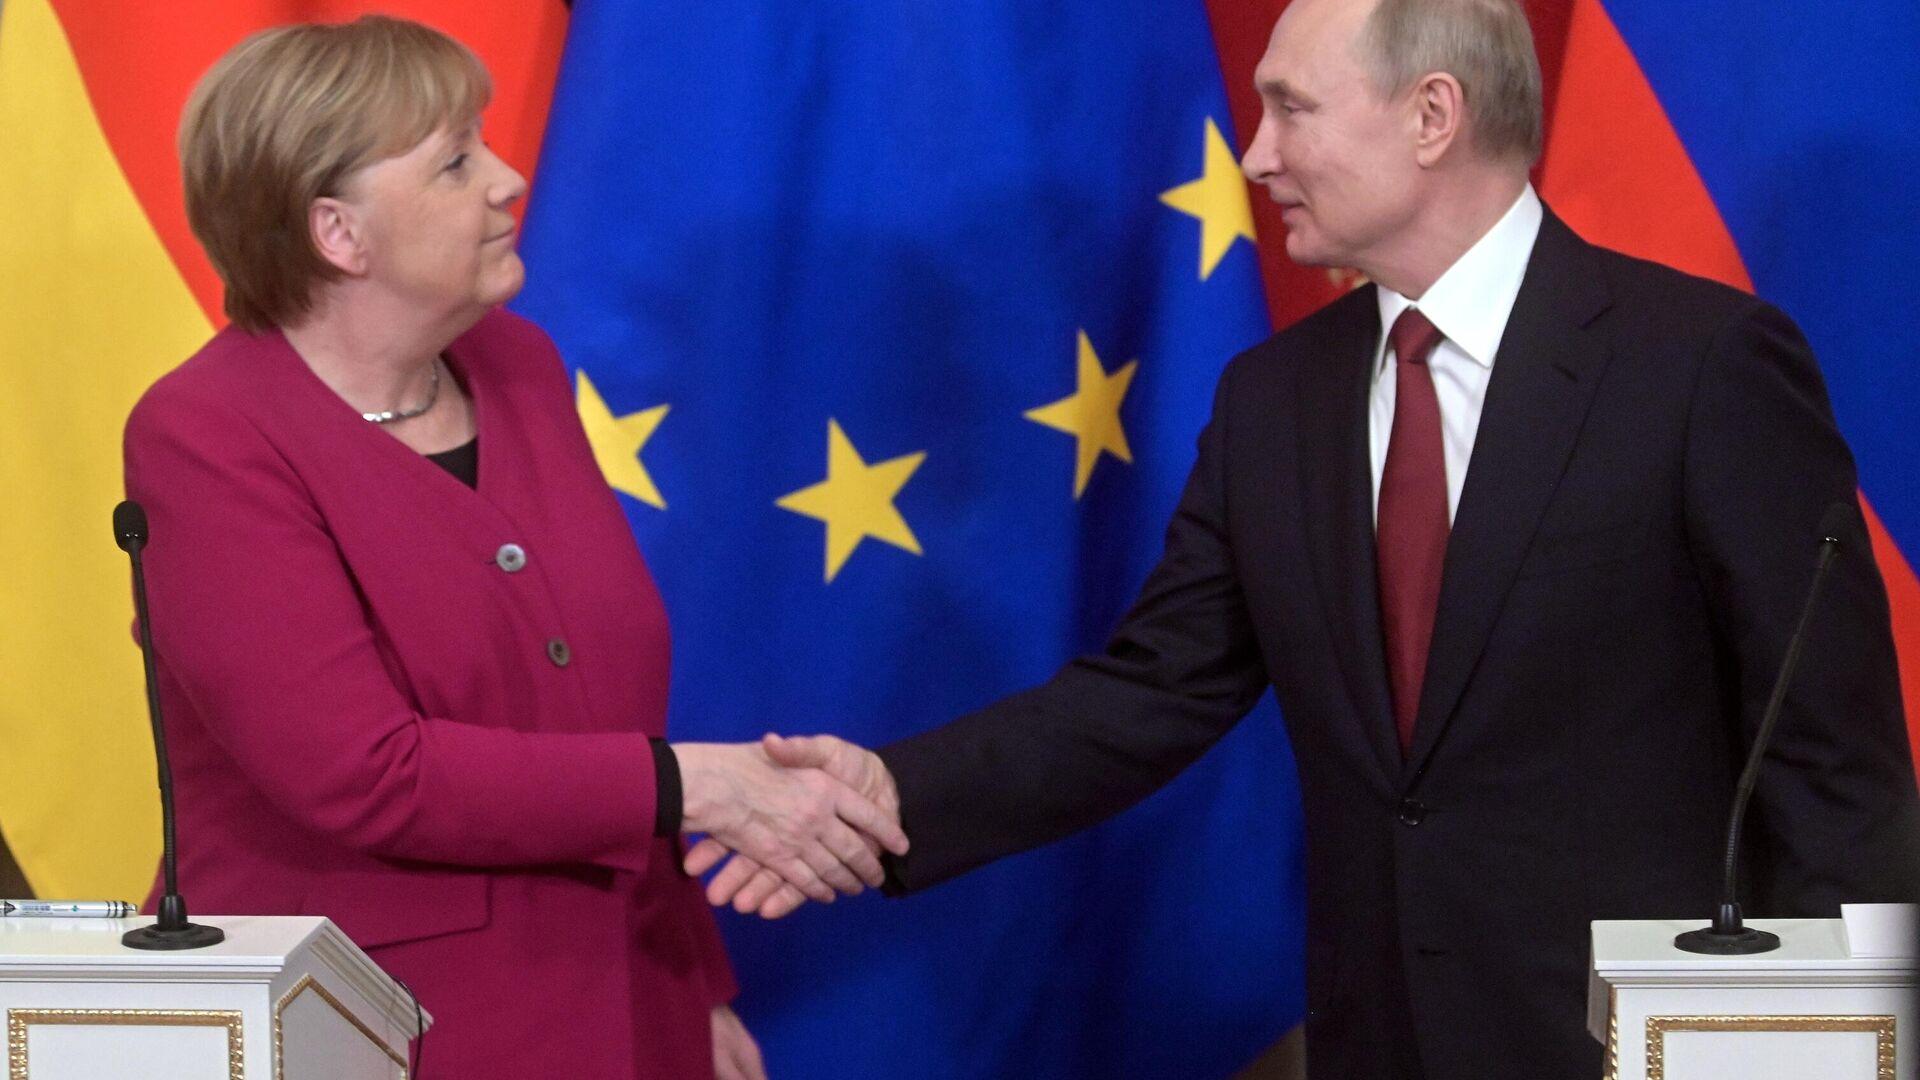 Bundeskanzlerin Angela Merkel und Russlands Präsident Wladimir Putin beim Gipfeltreffen in Moskau, Januar 2020 - SNA, 1920, 21.07.2021